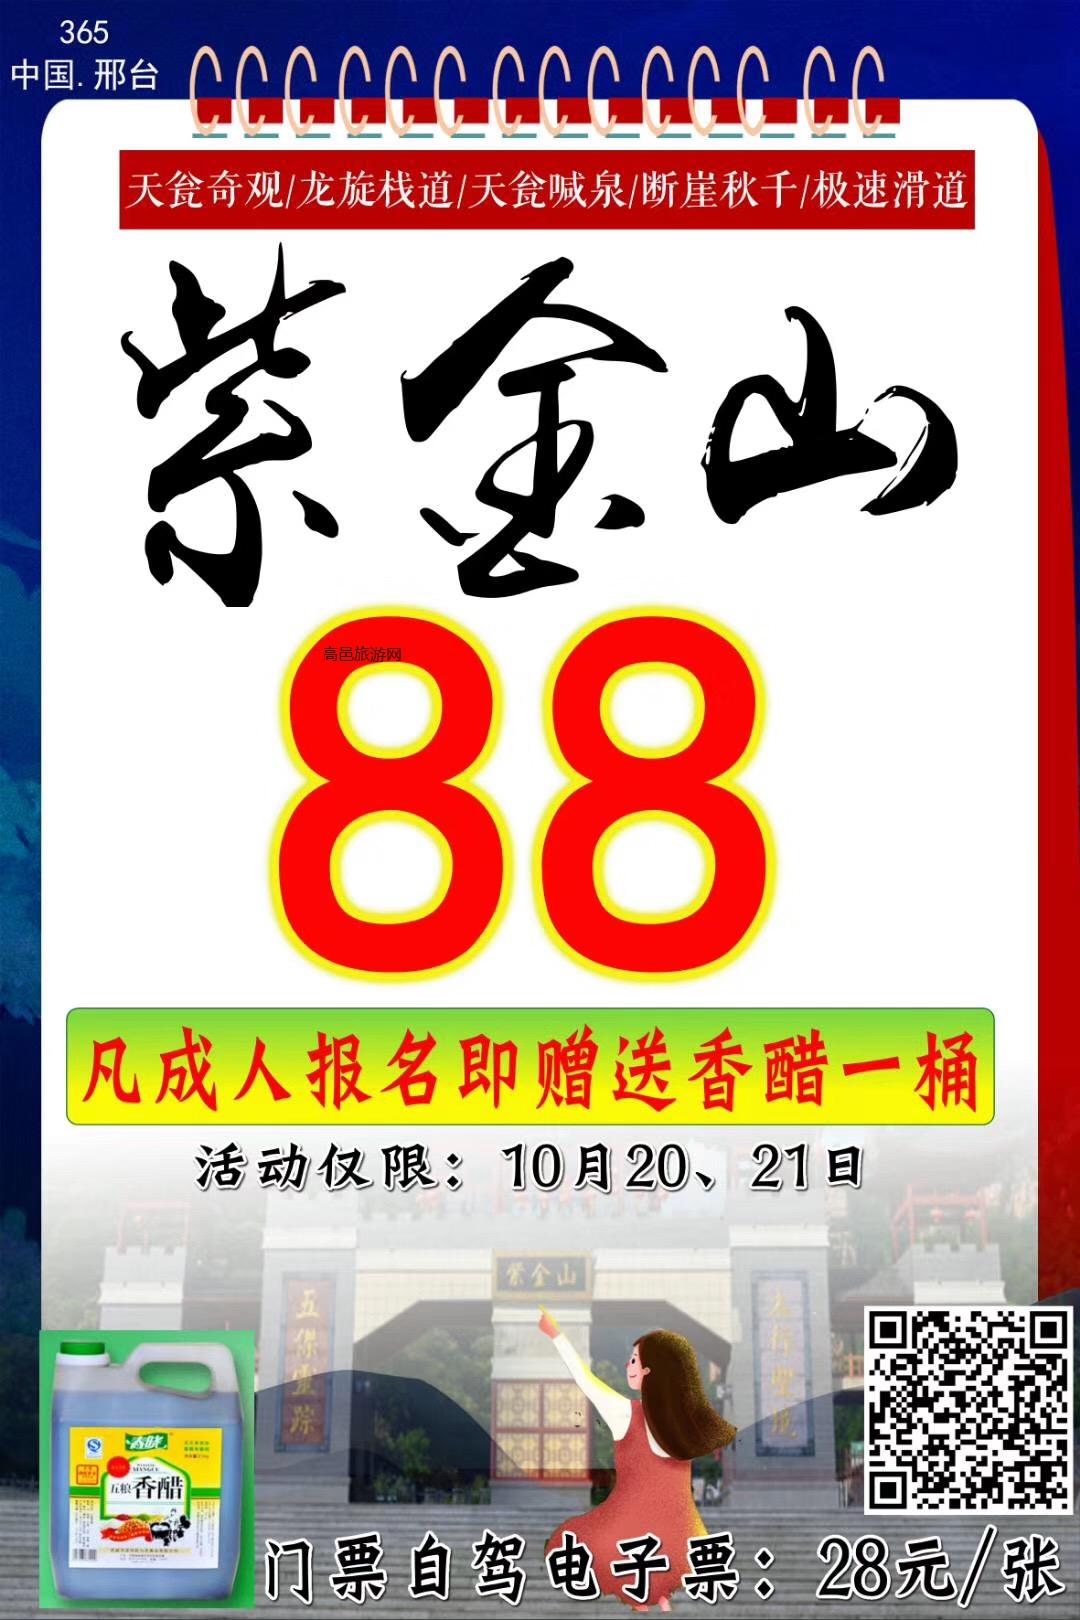 邢台紫金山+邢襄古镇一日游88元